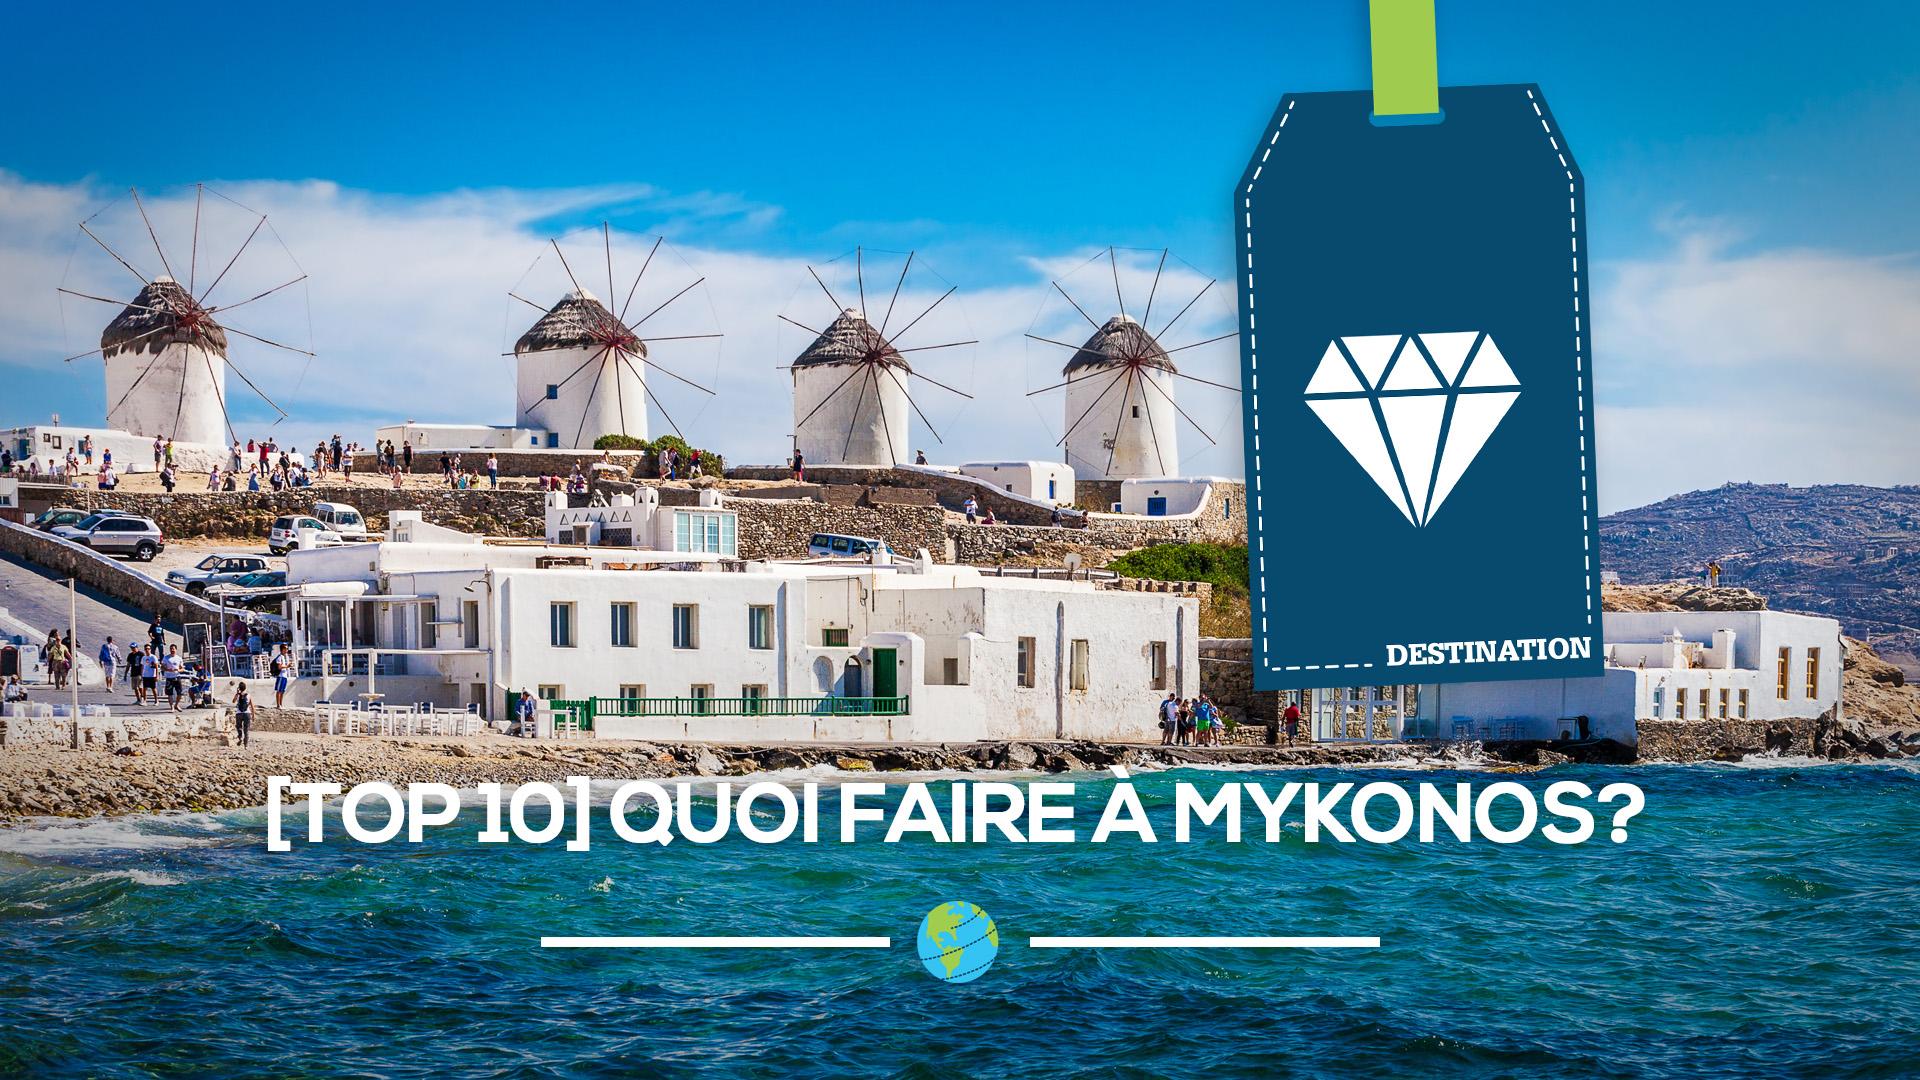 mykonos grece activites